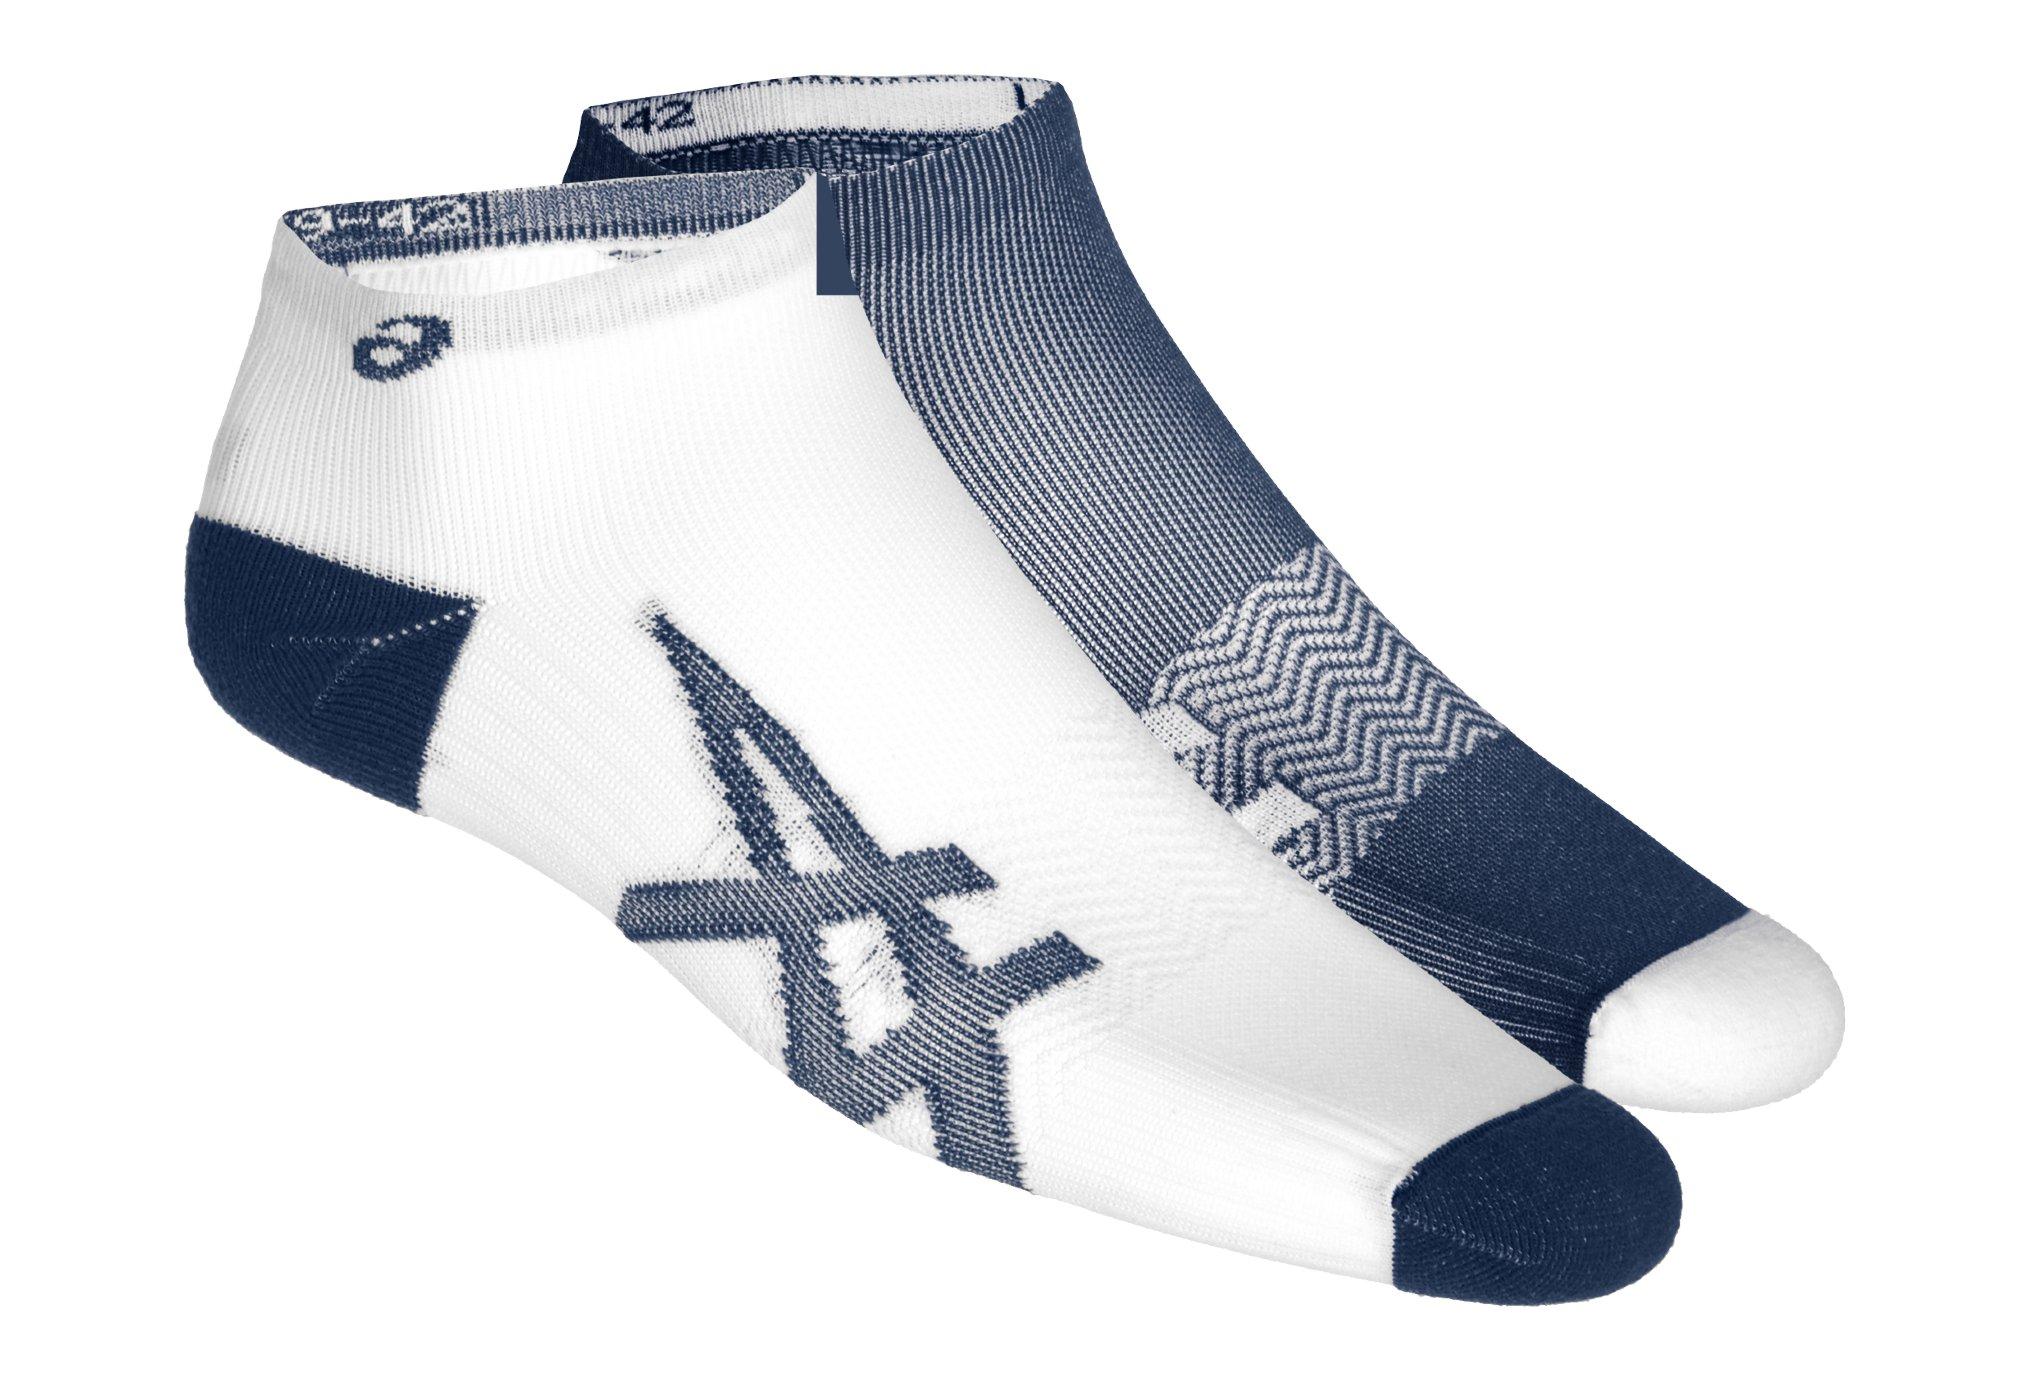 Asics Pack Lightweight Chaussettes